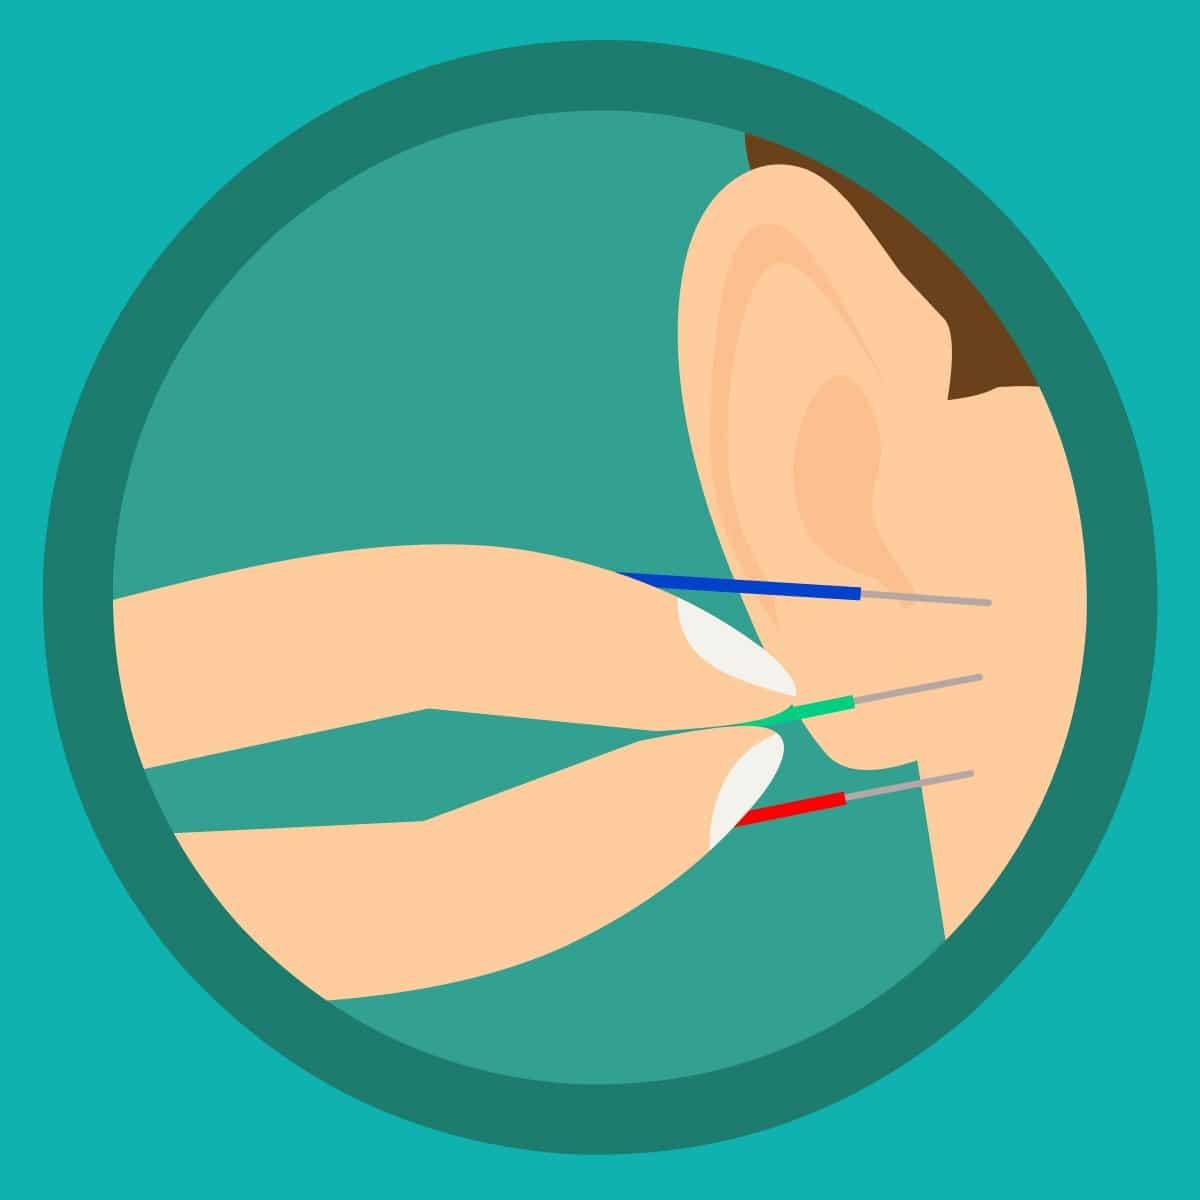 Afvallen acupunctuur